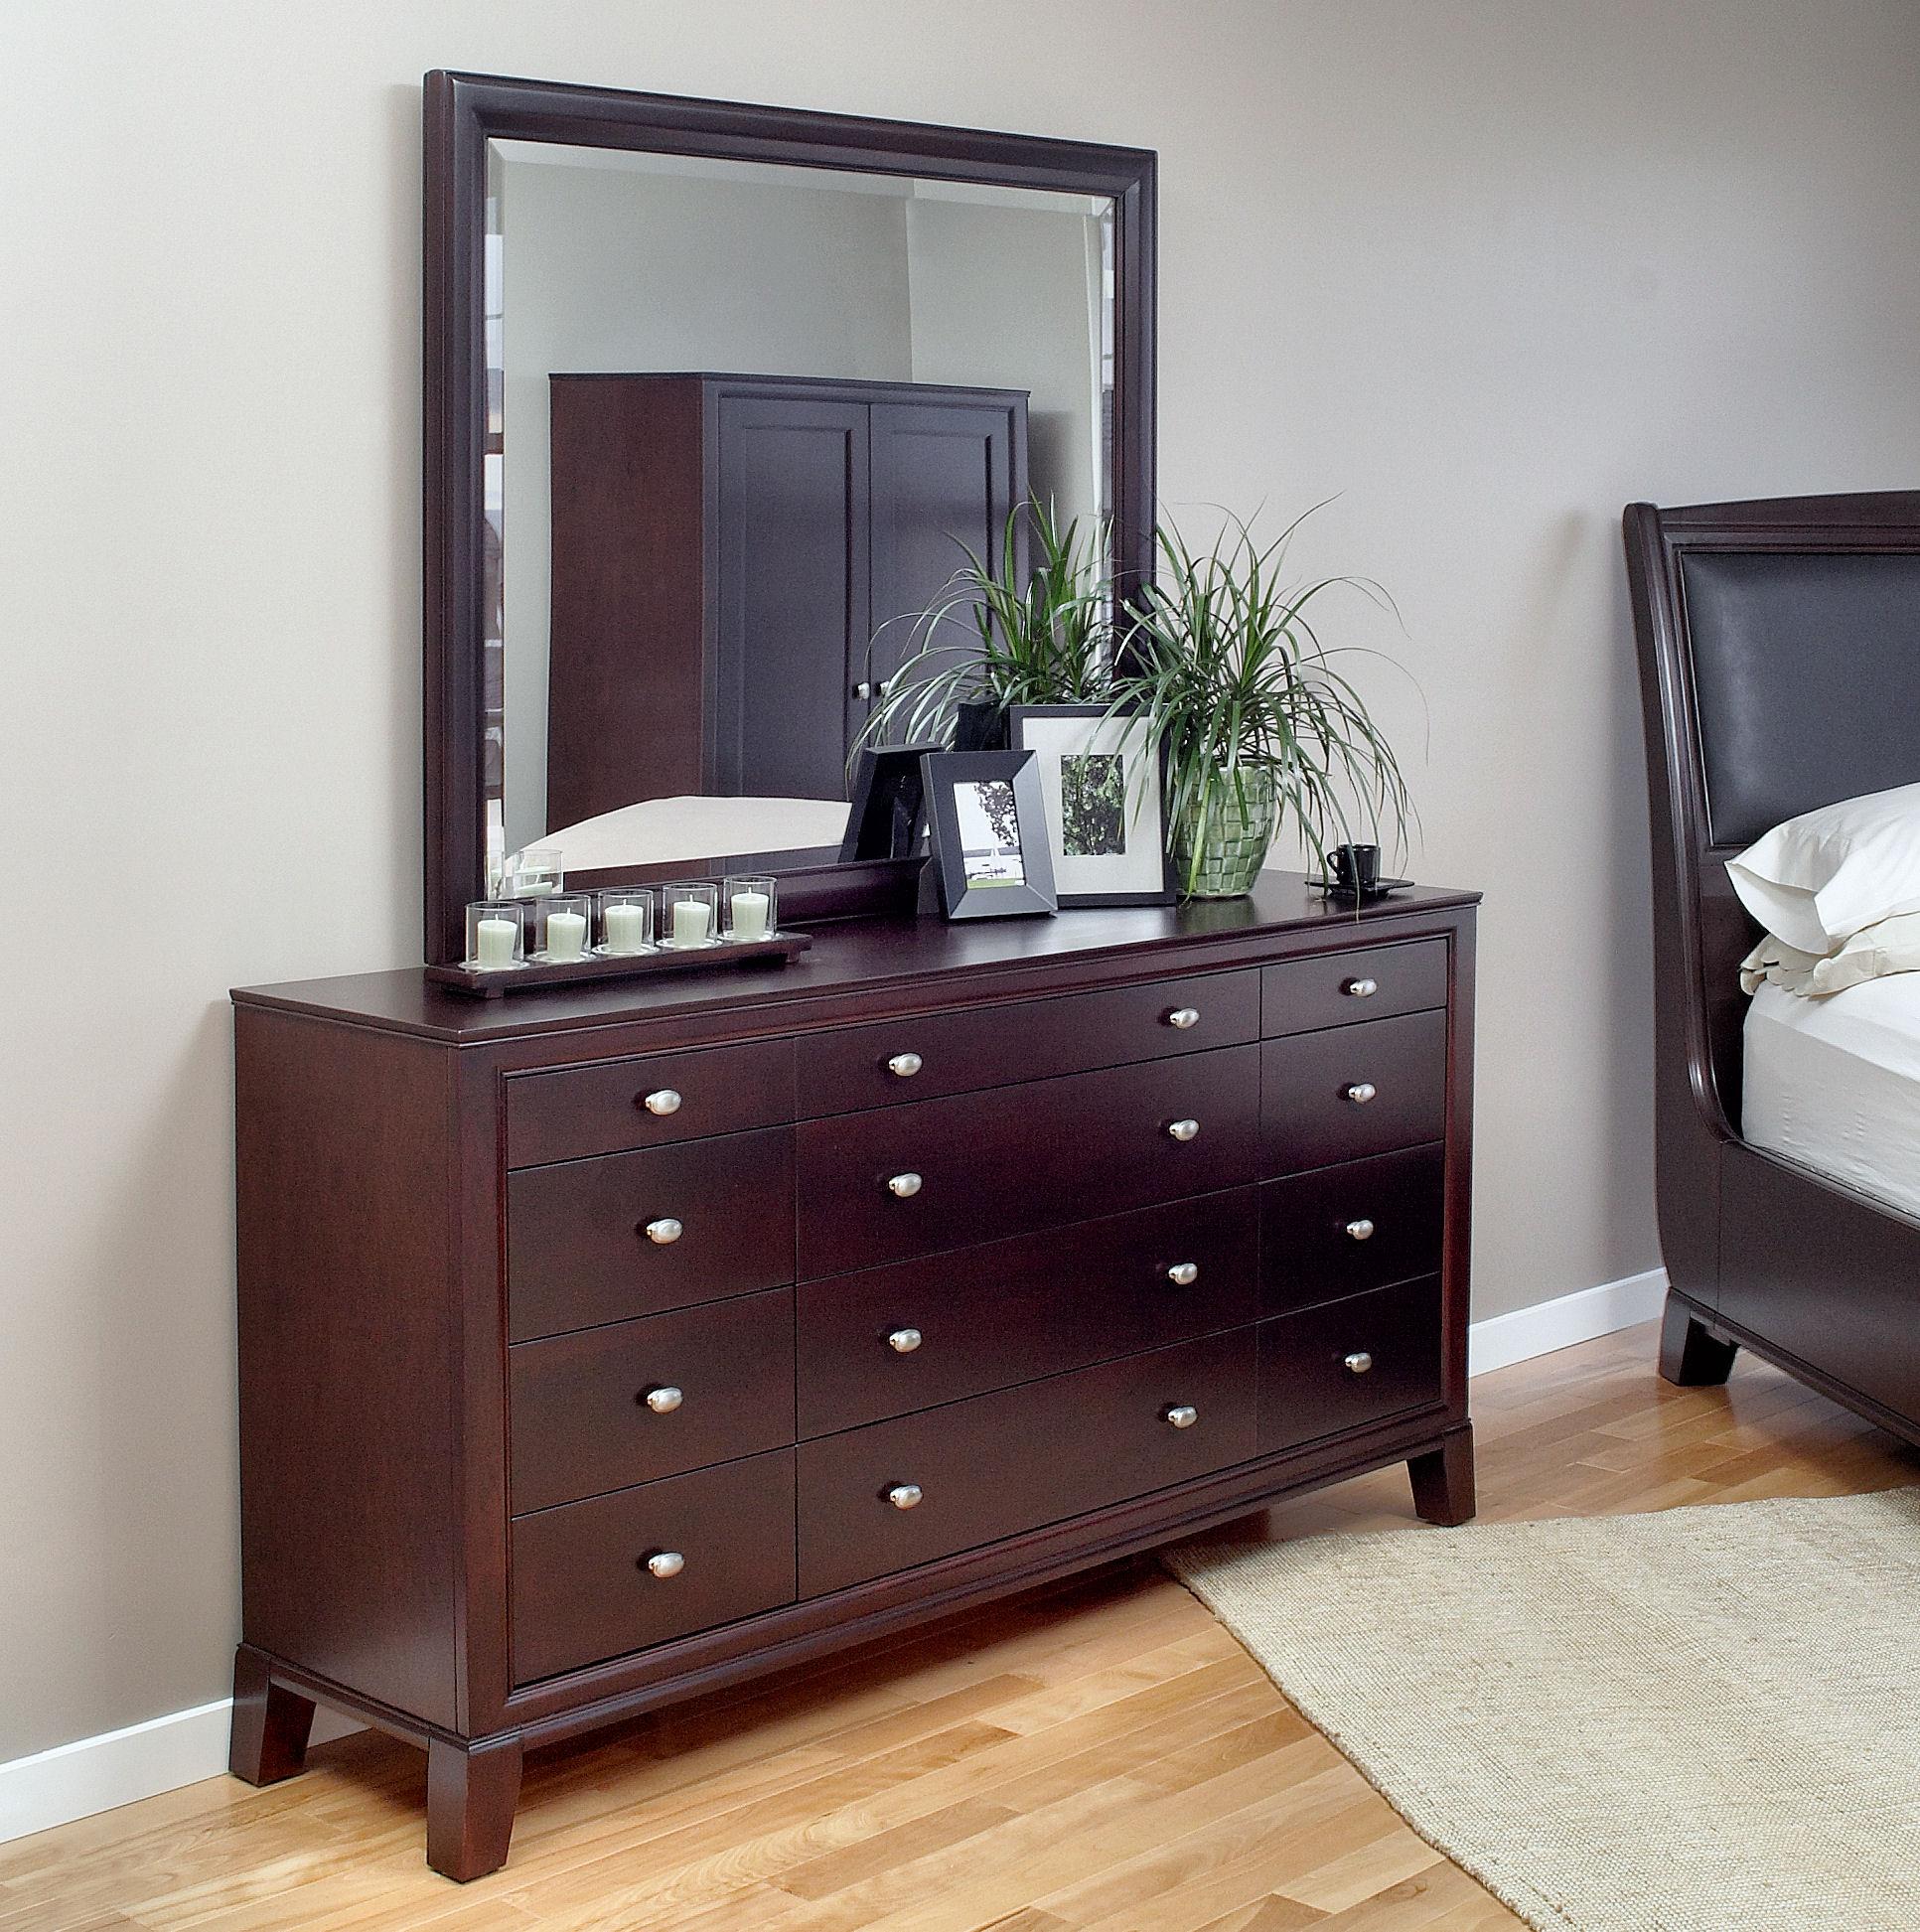 3001 triple dresser, 3008 landscape mirror